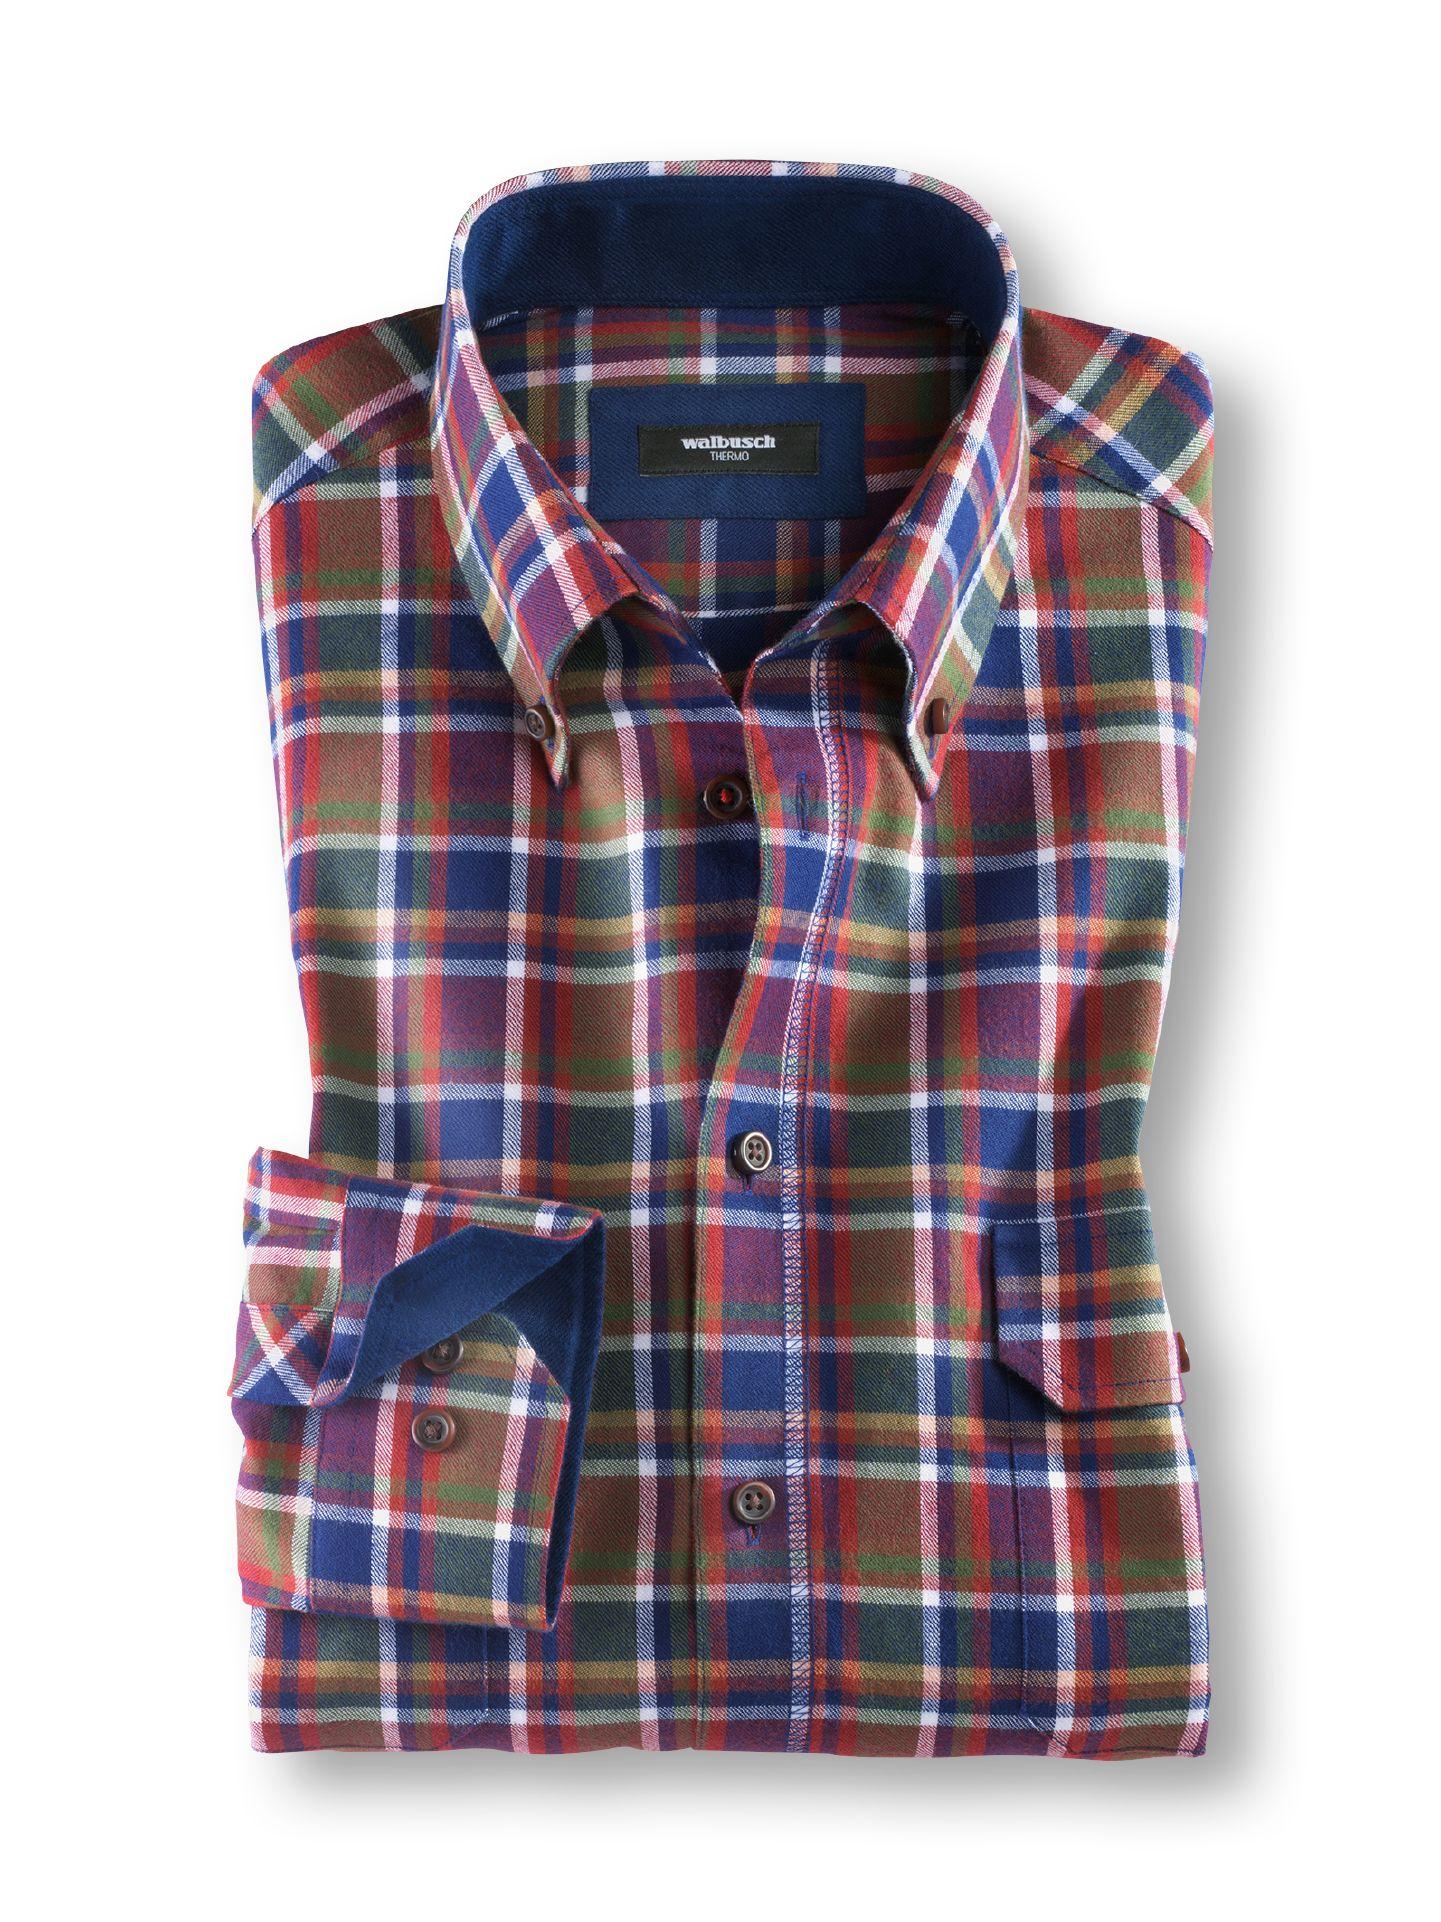 Softflanell hemd walbusch kragen im online shop bequem kaufen walbusch - Herren hemd ohne kragen ...